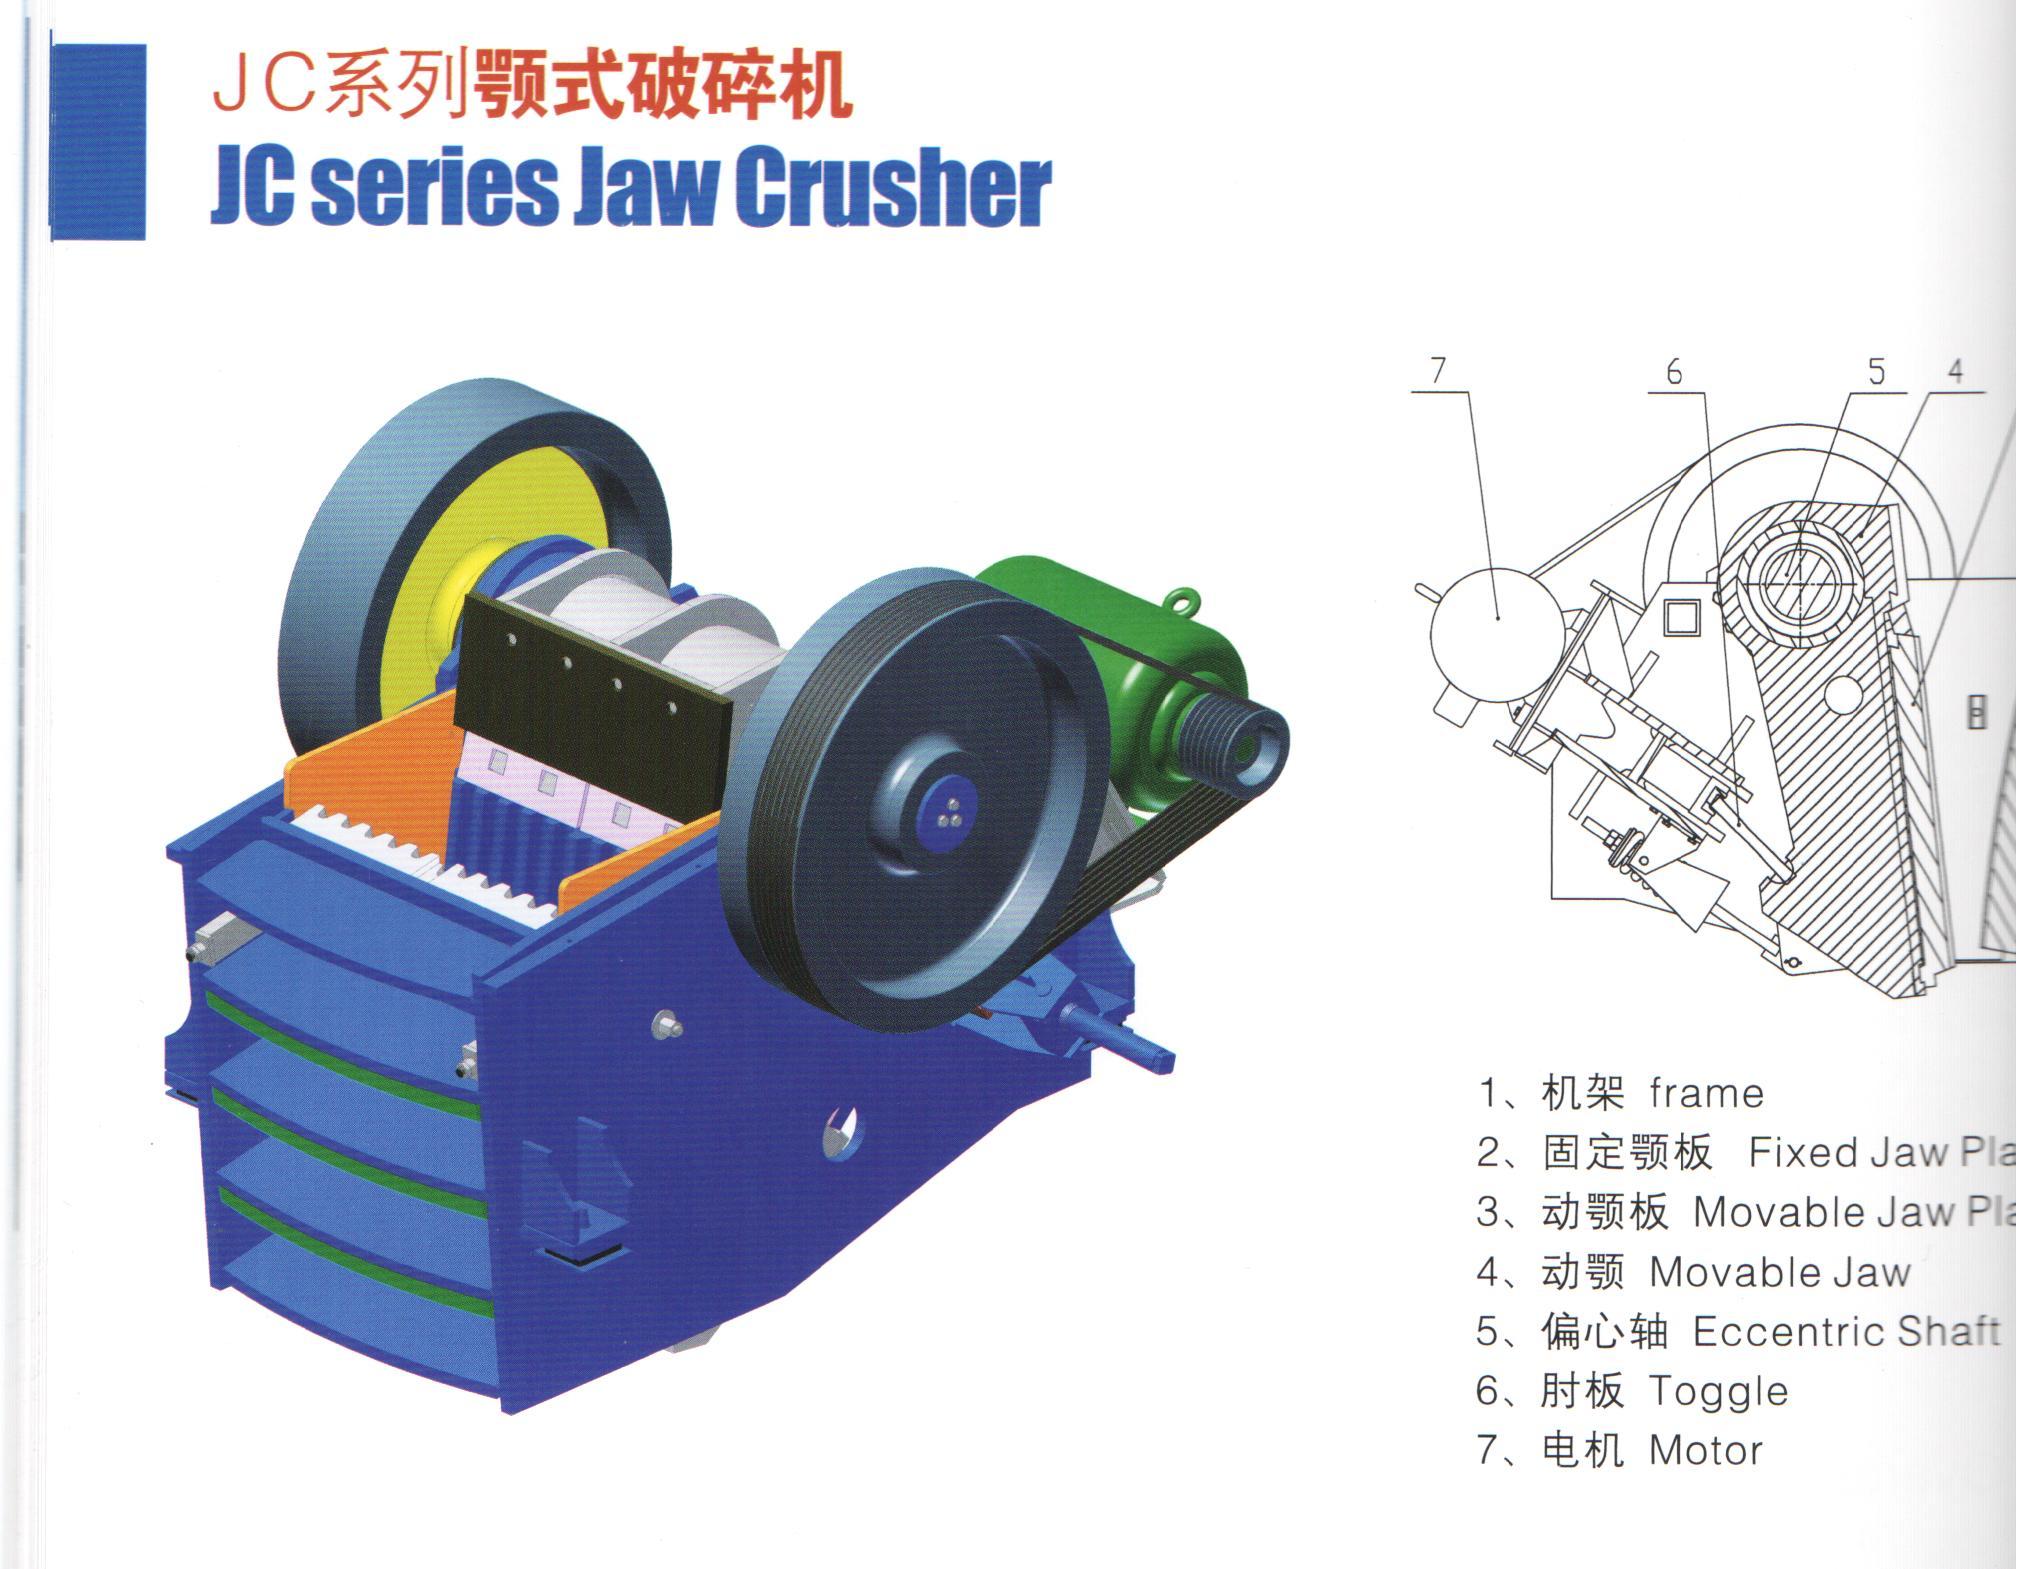 JC series jaw crusher working principle diagram